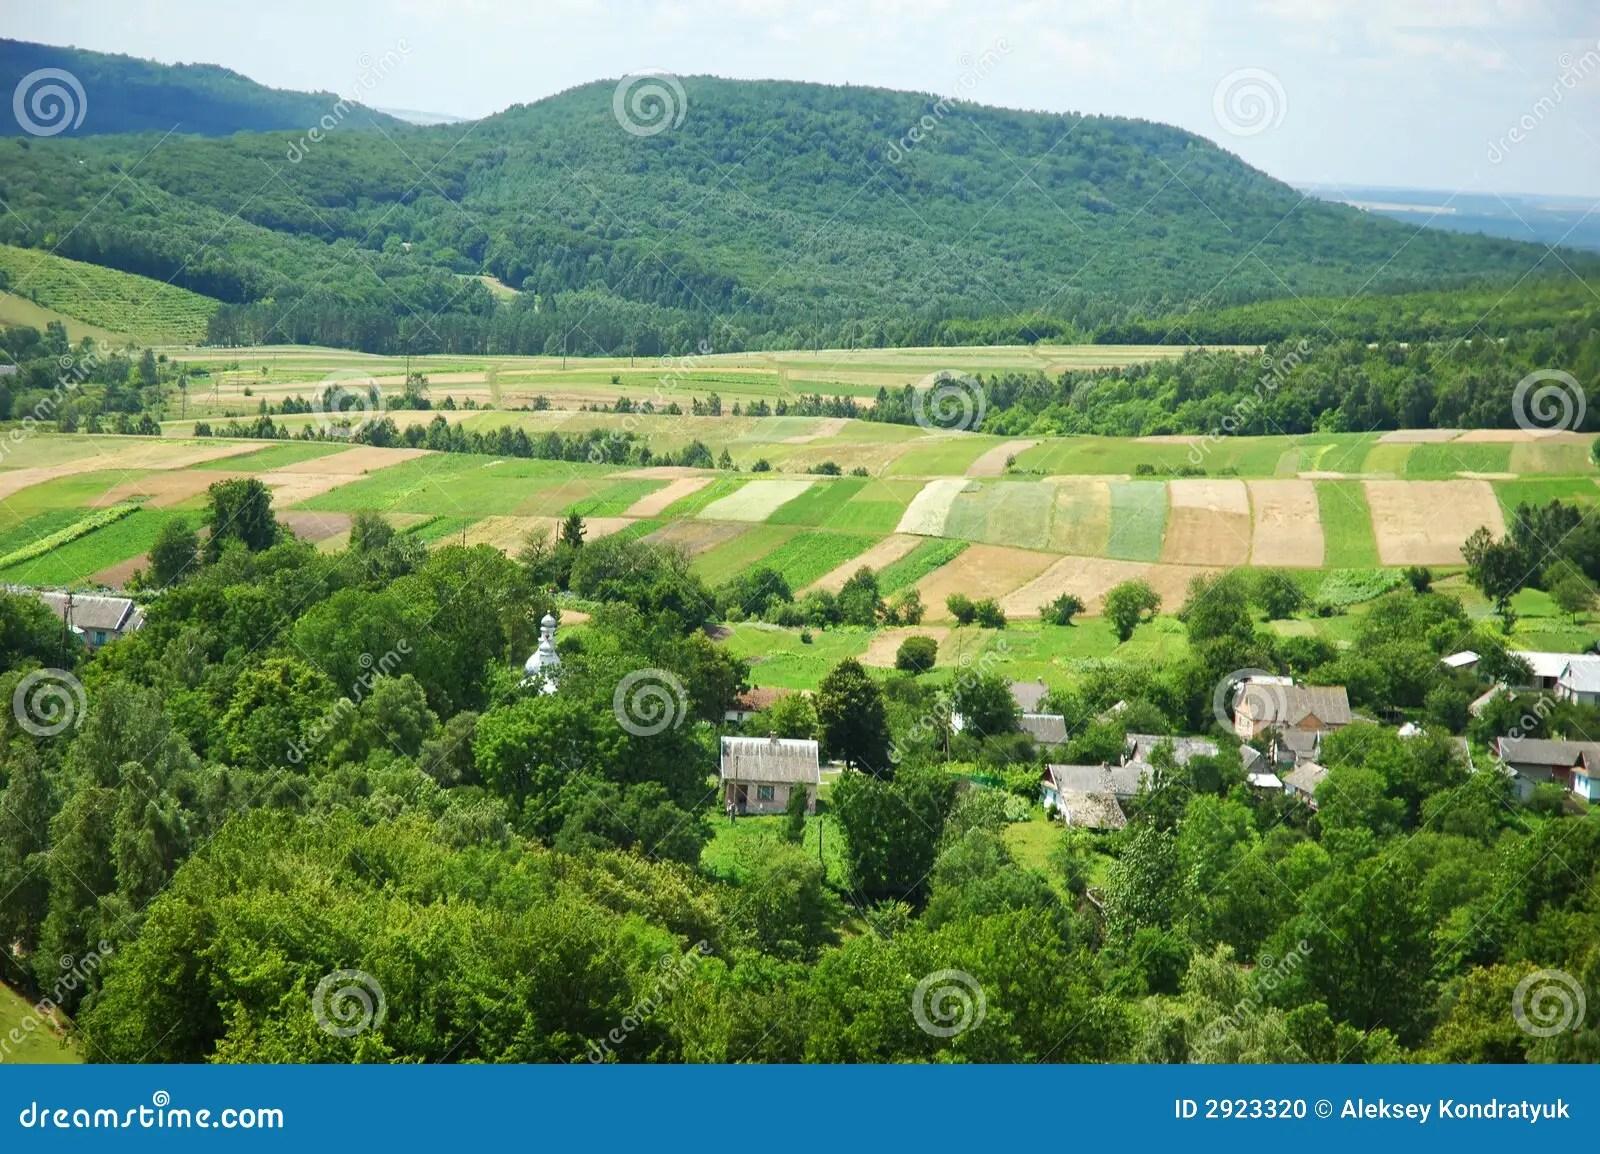 Paesaggio rurale fotografia stock Immagine di alimento  2923320